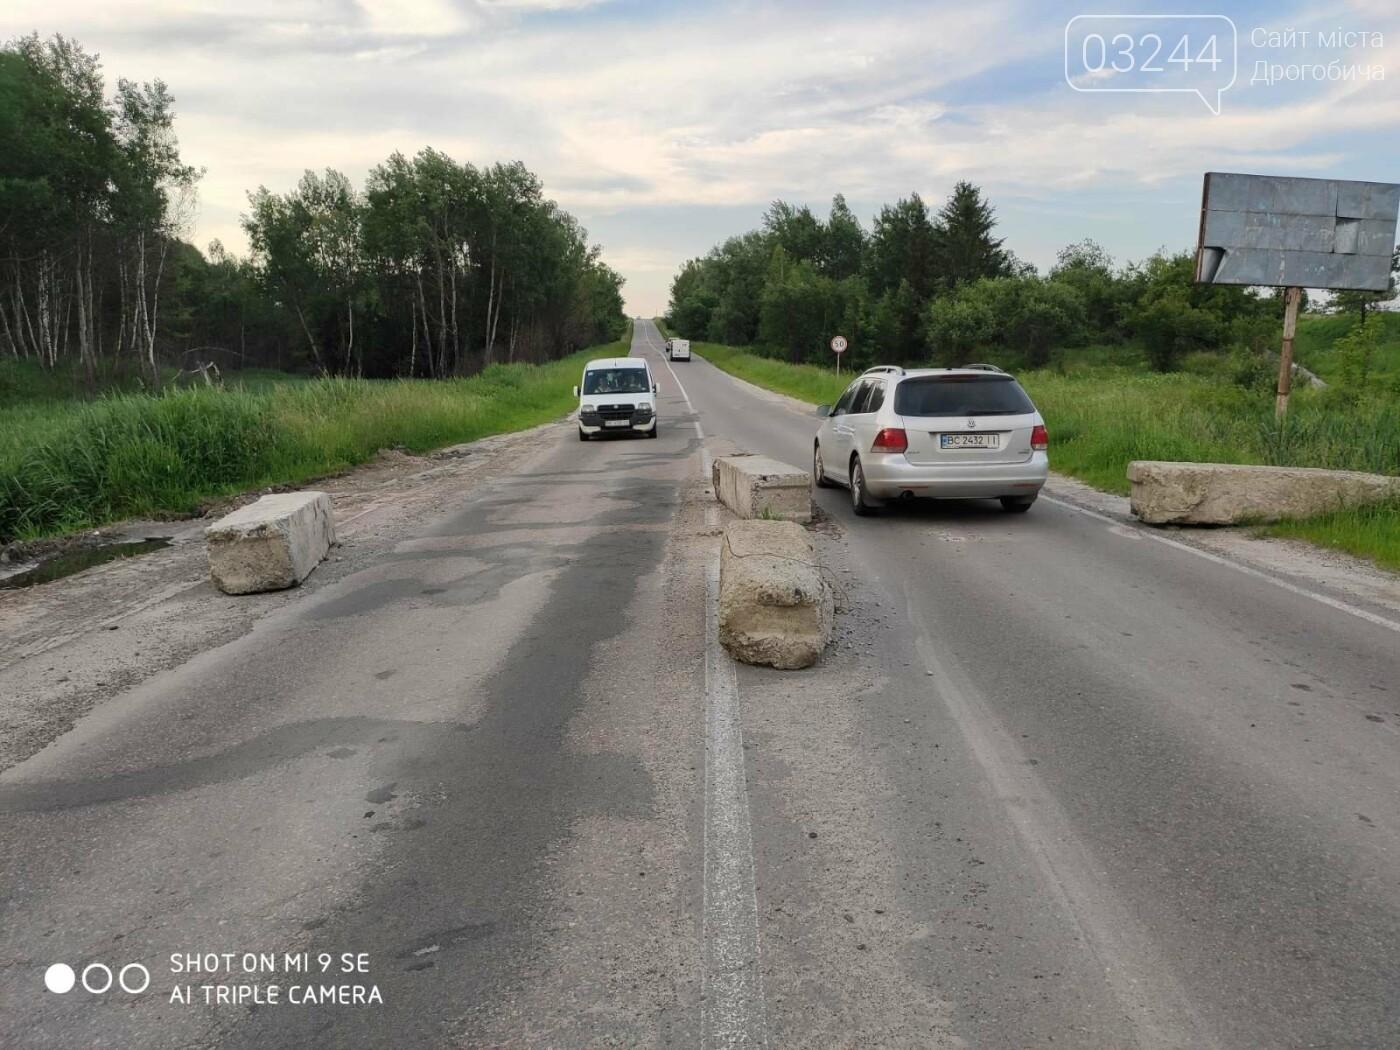 Дорога Дрогобич-Трускавець відкрита для транспорту: відсунуто блоки та шлагбаум. Однак, водіям слід бути обачними, фото-1